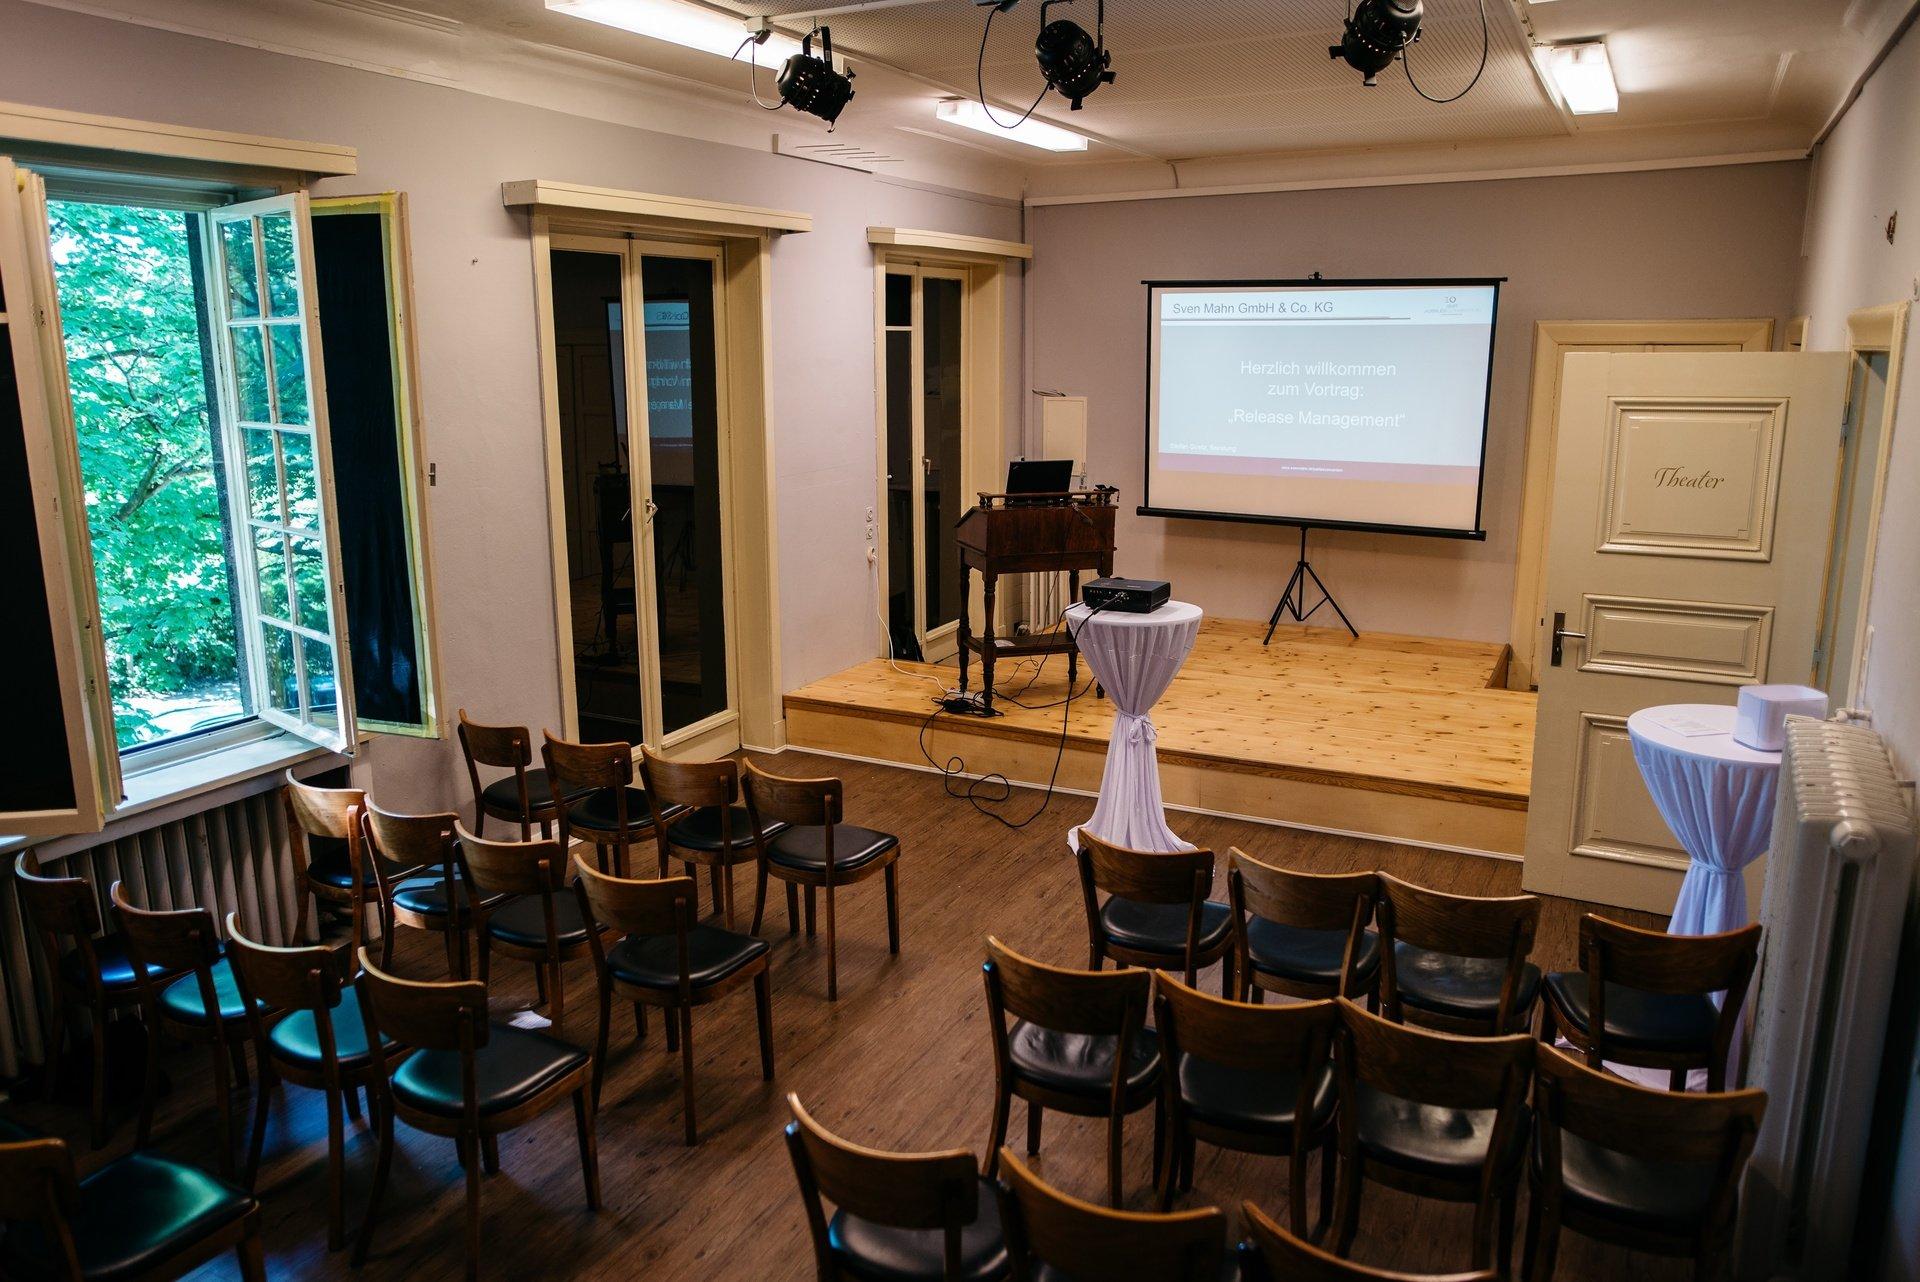 Hamburg seminar rooms Lieu Atypique Theatre room - circus Mignon image 0